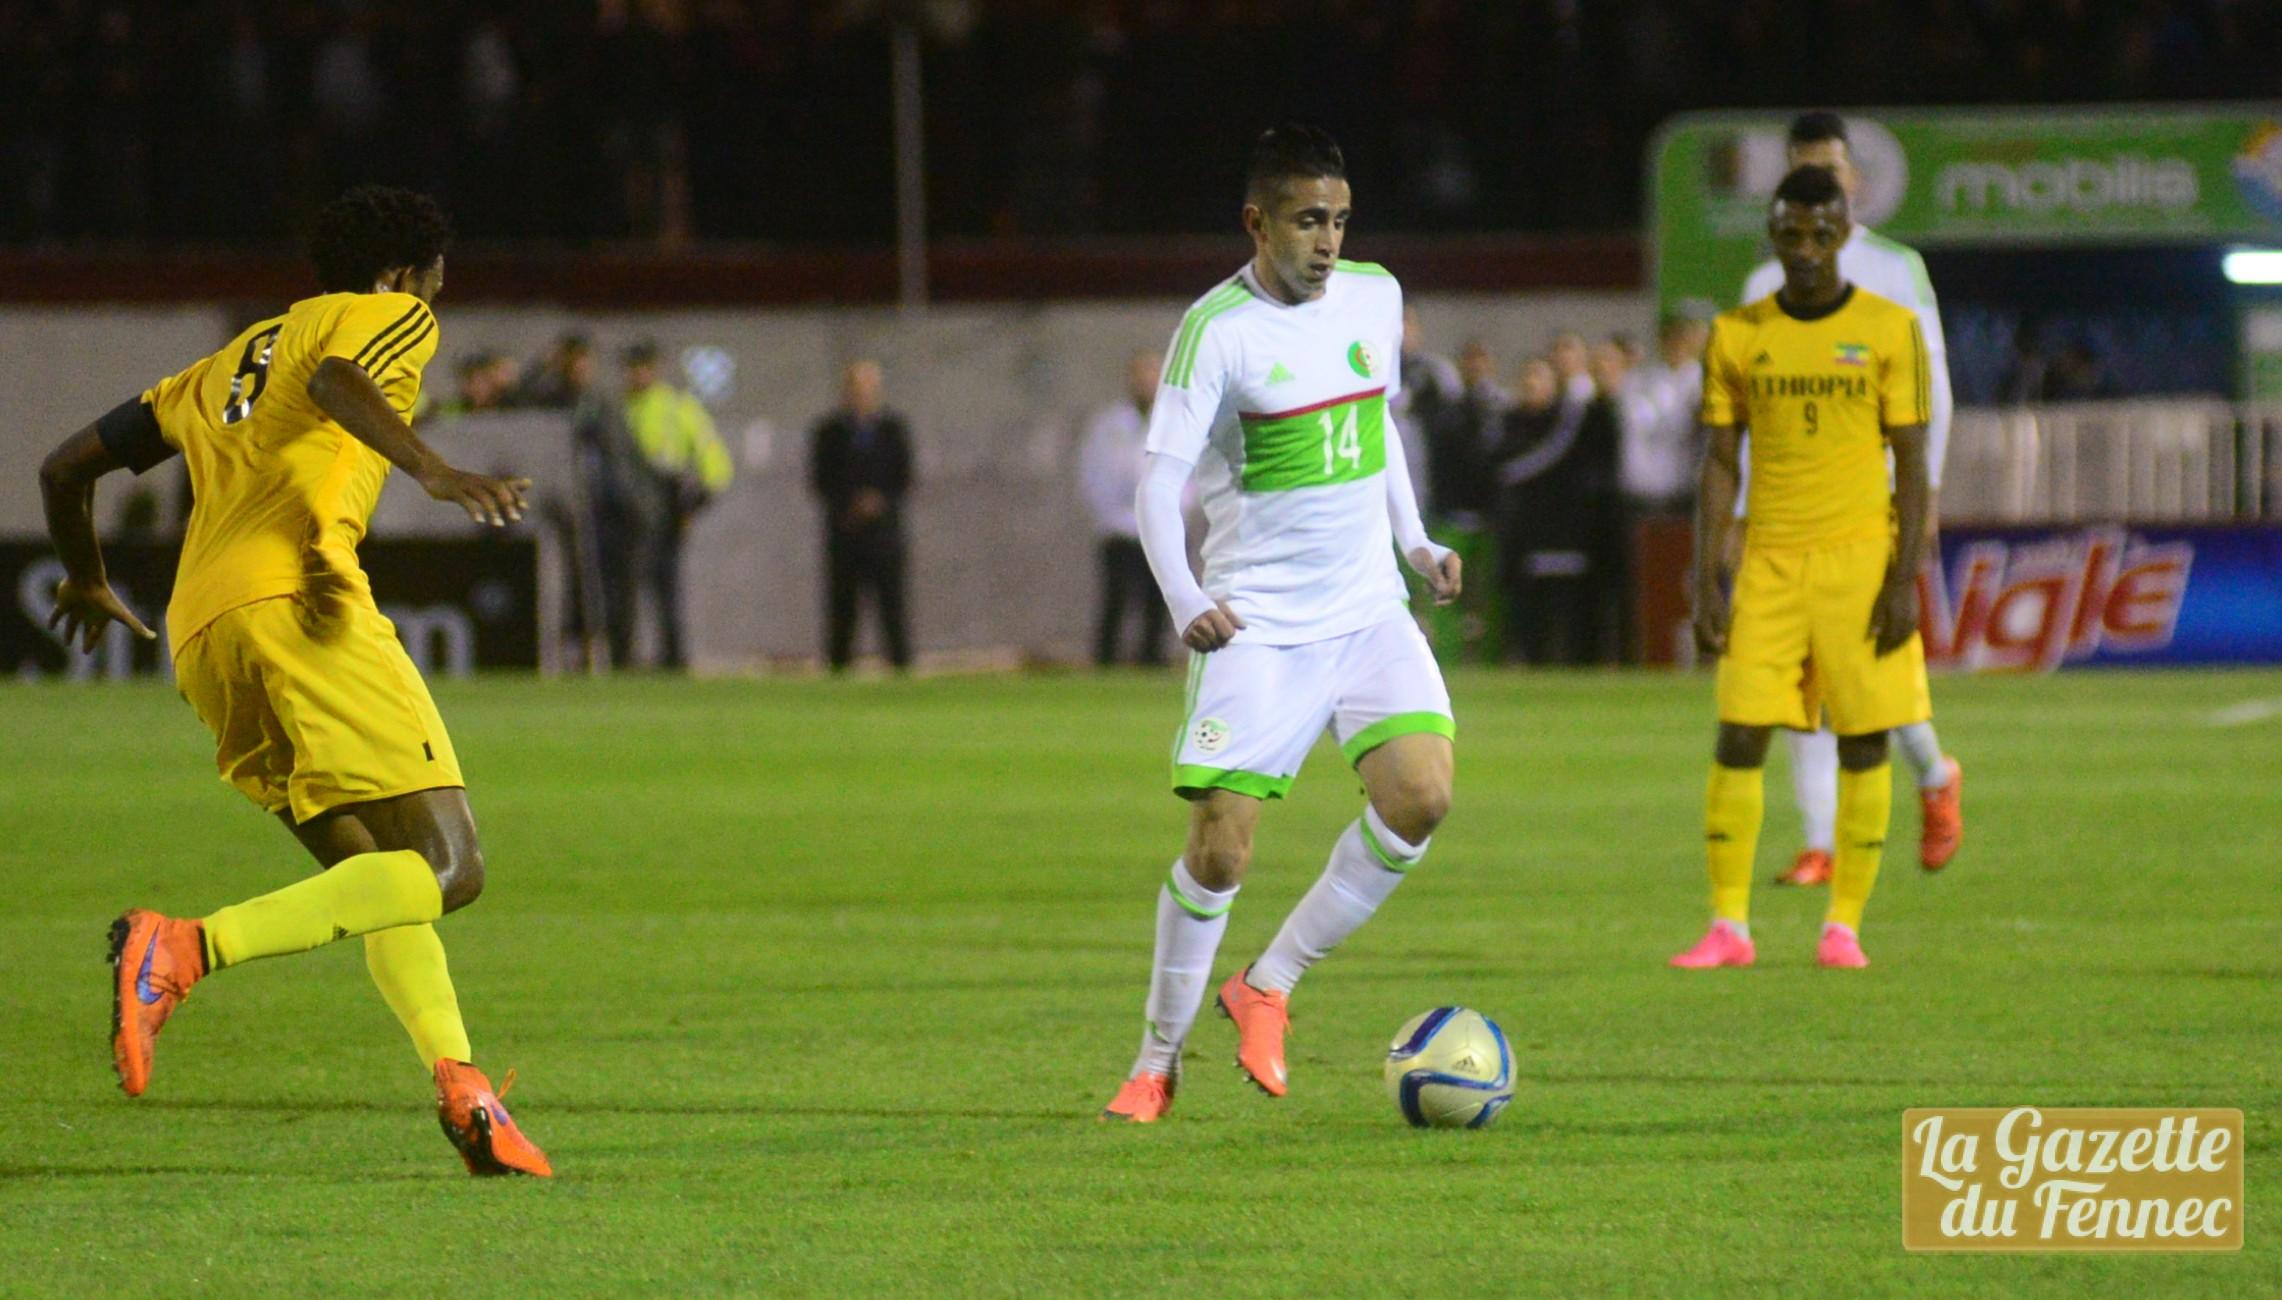 Rencontres algerie